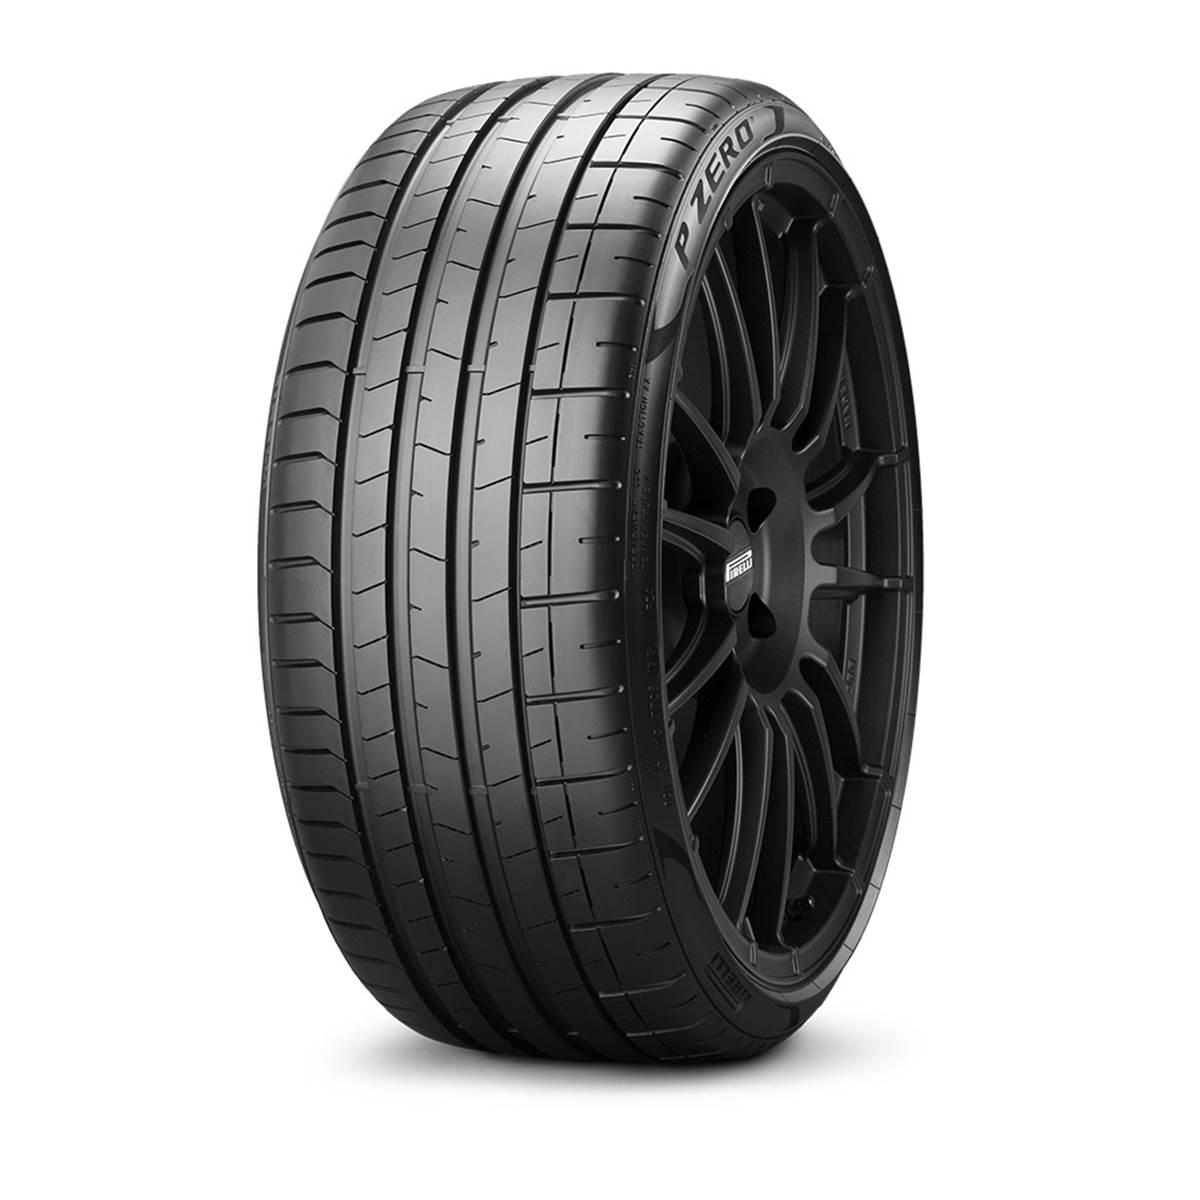 Pneu Pirelli 295/30R20 101Y Pzero XL